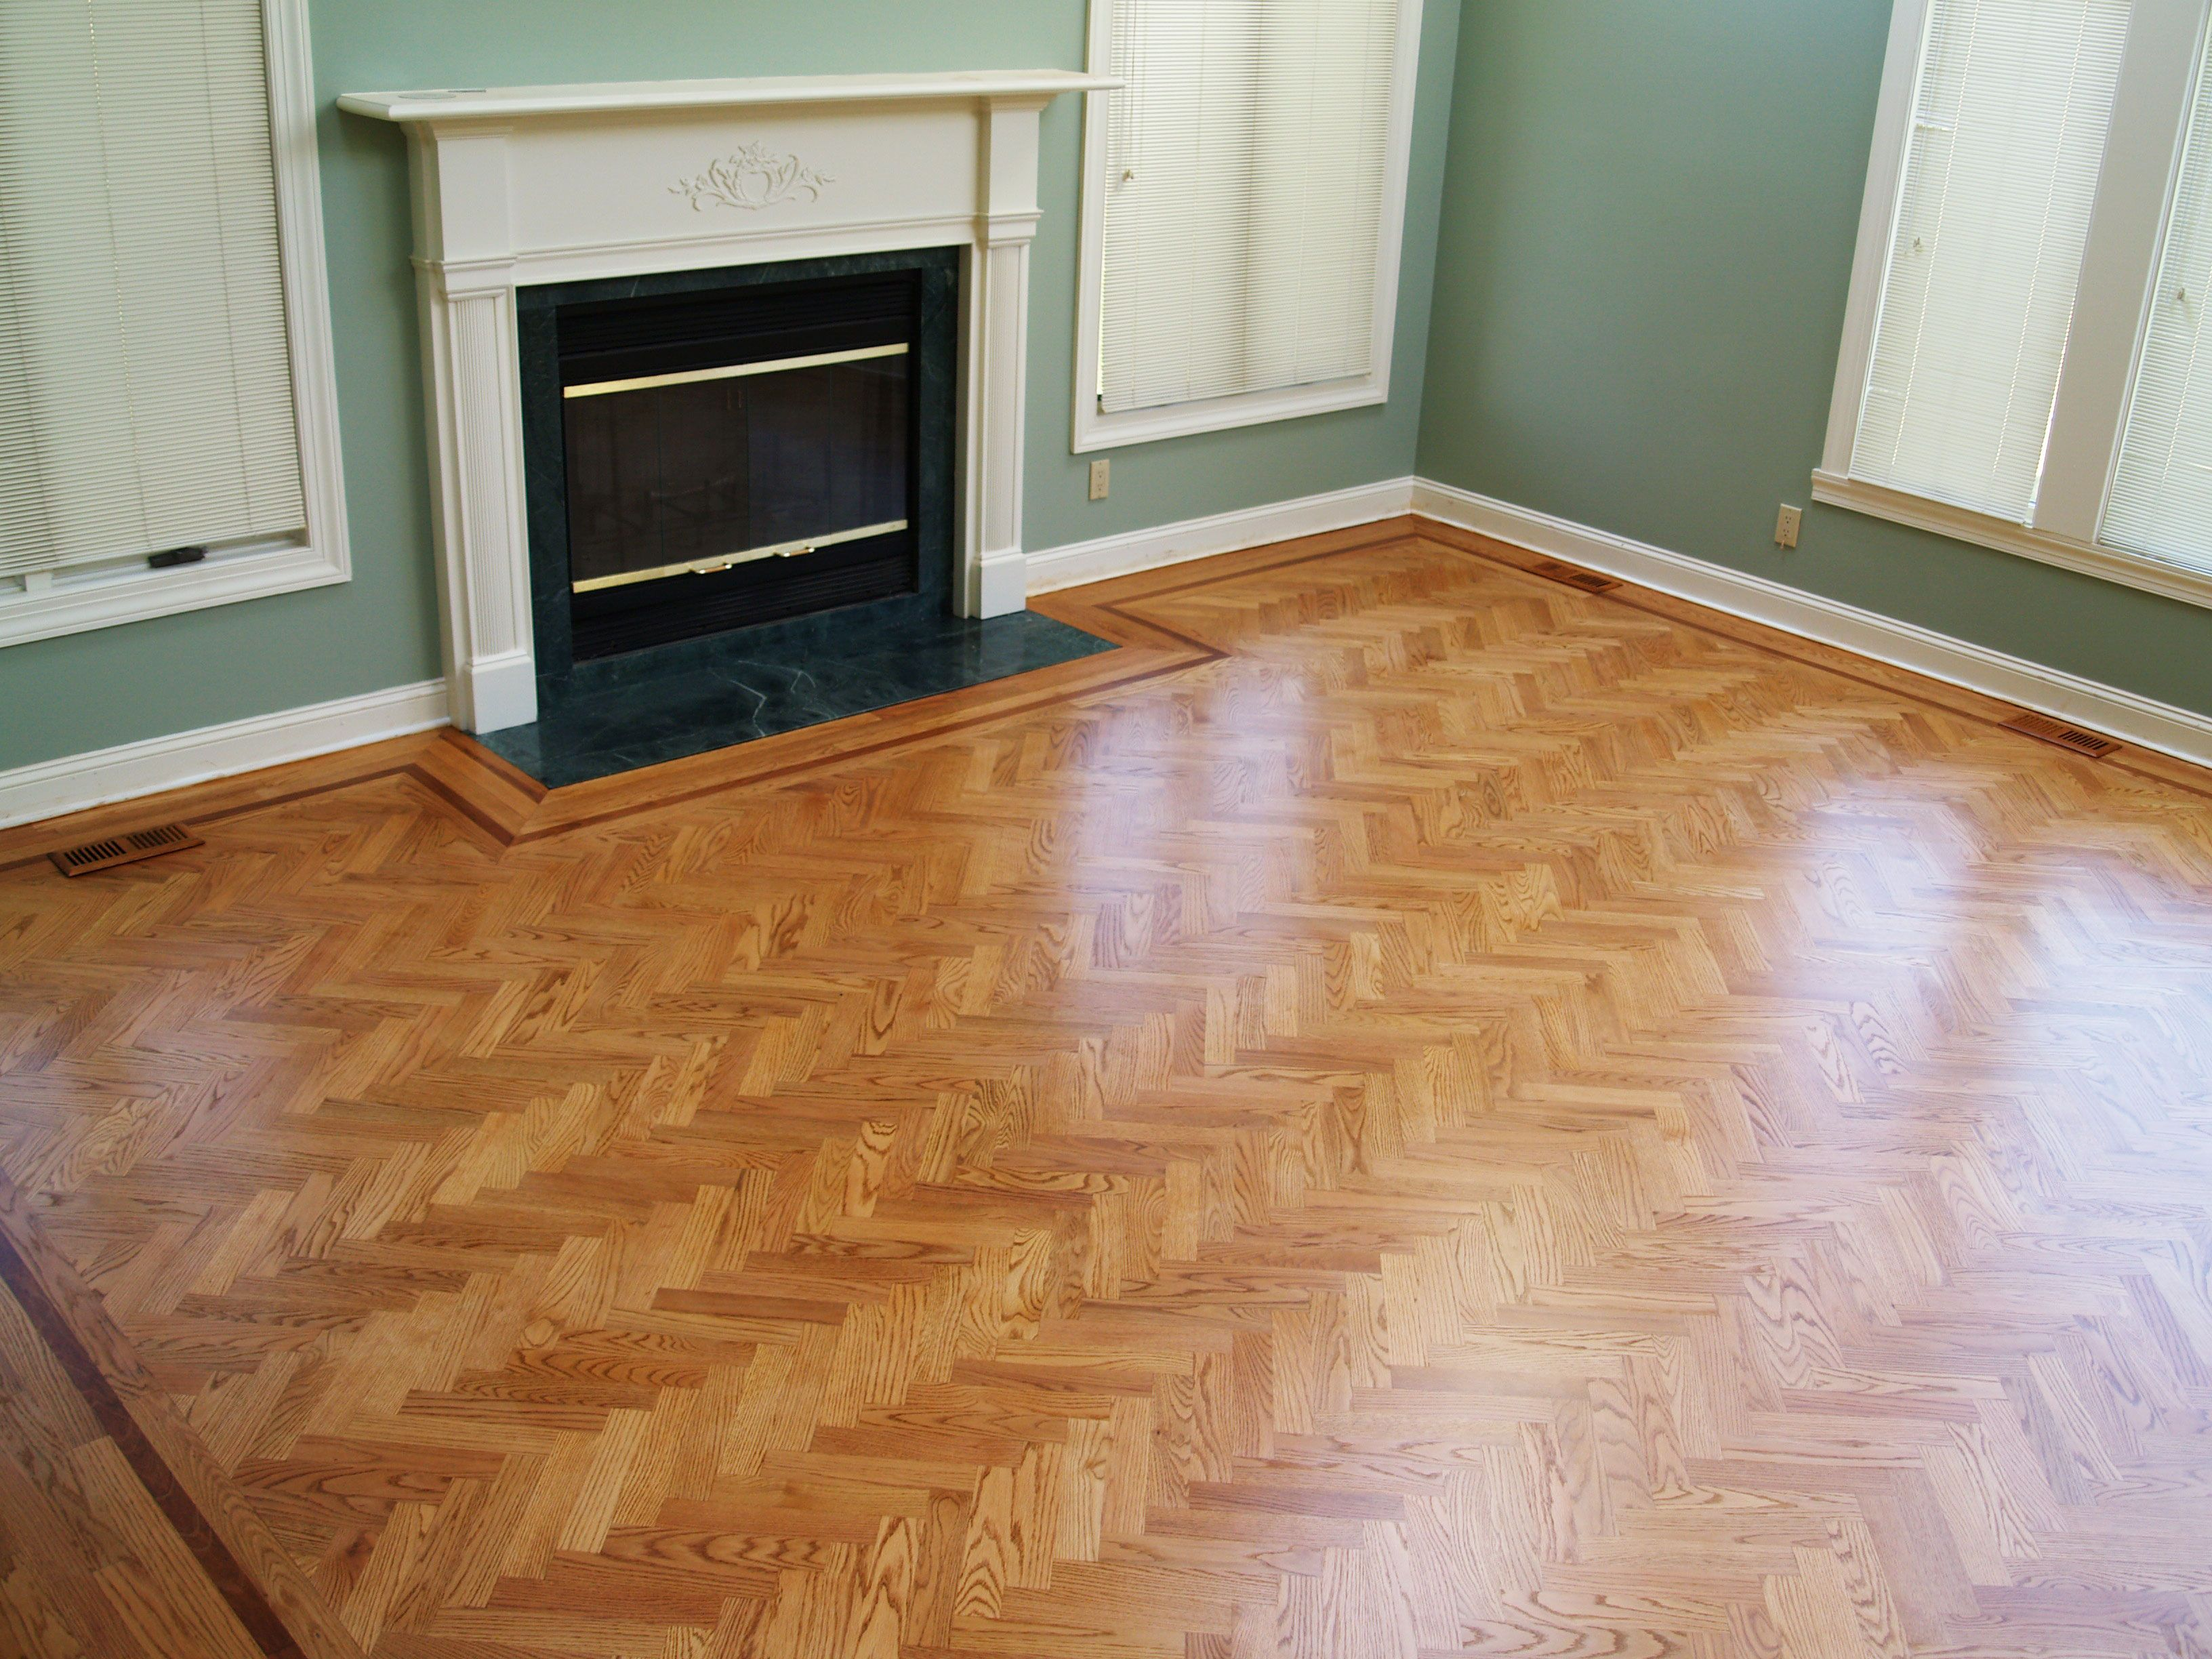 Herringbone red oak flooring with feature strip borders